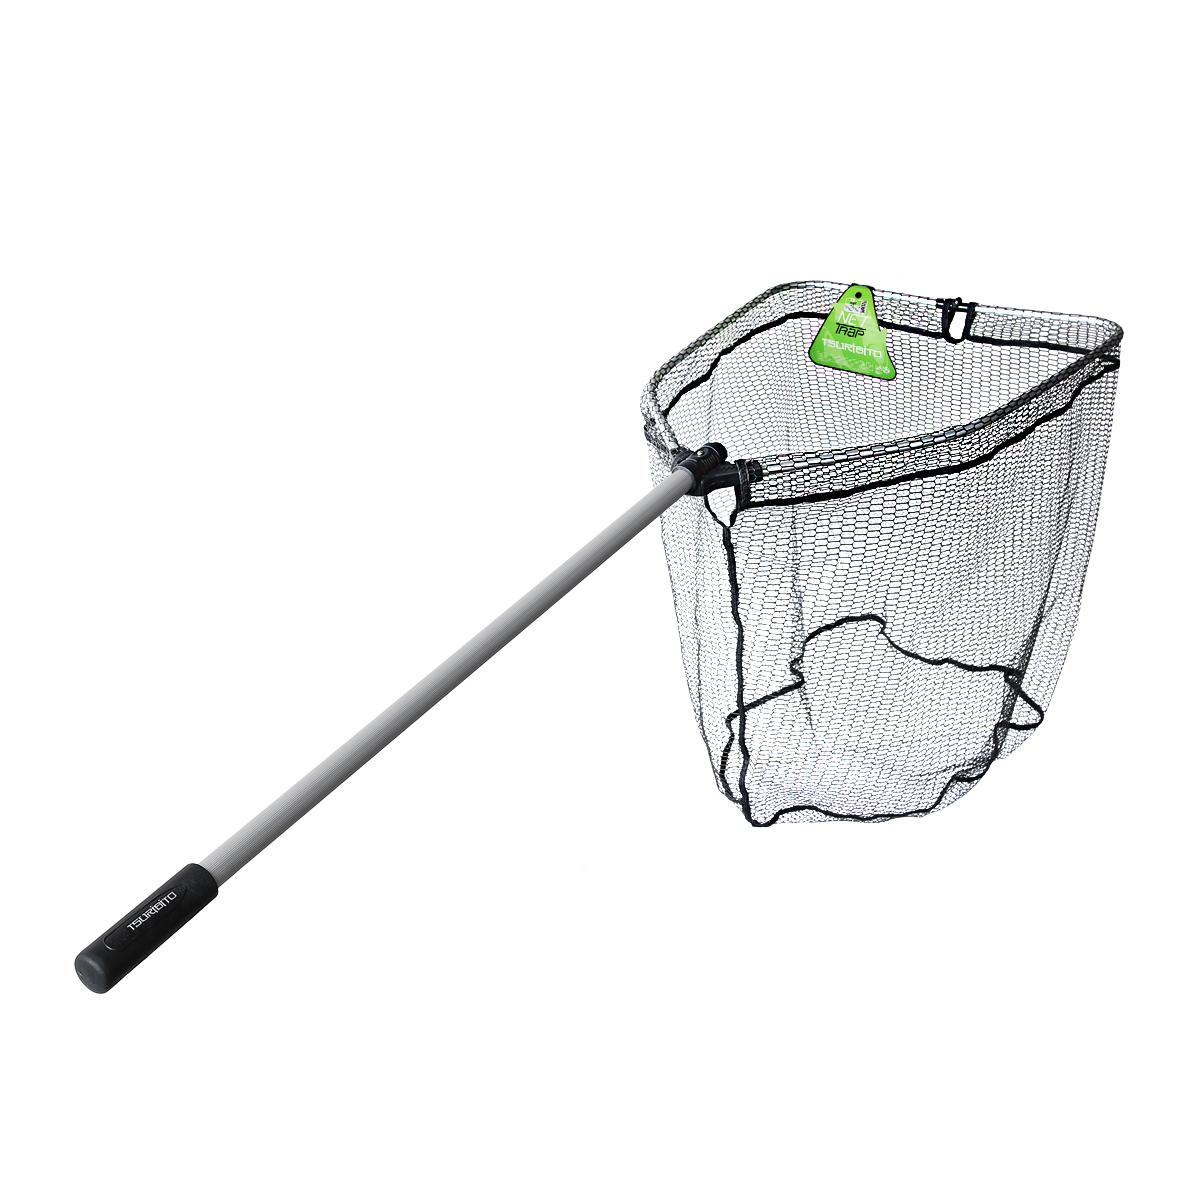 Подсачек для рыбалки телескопический своими руками